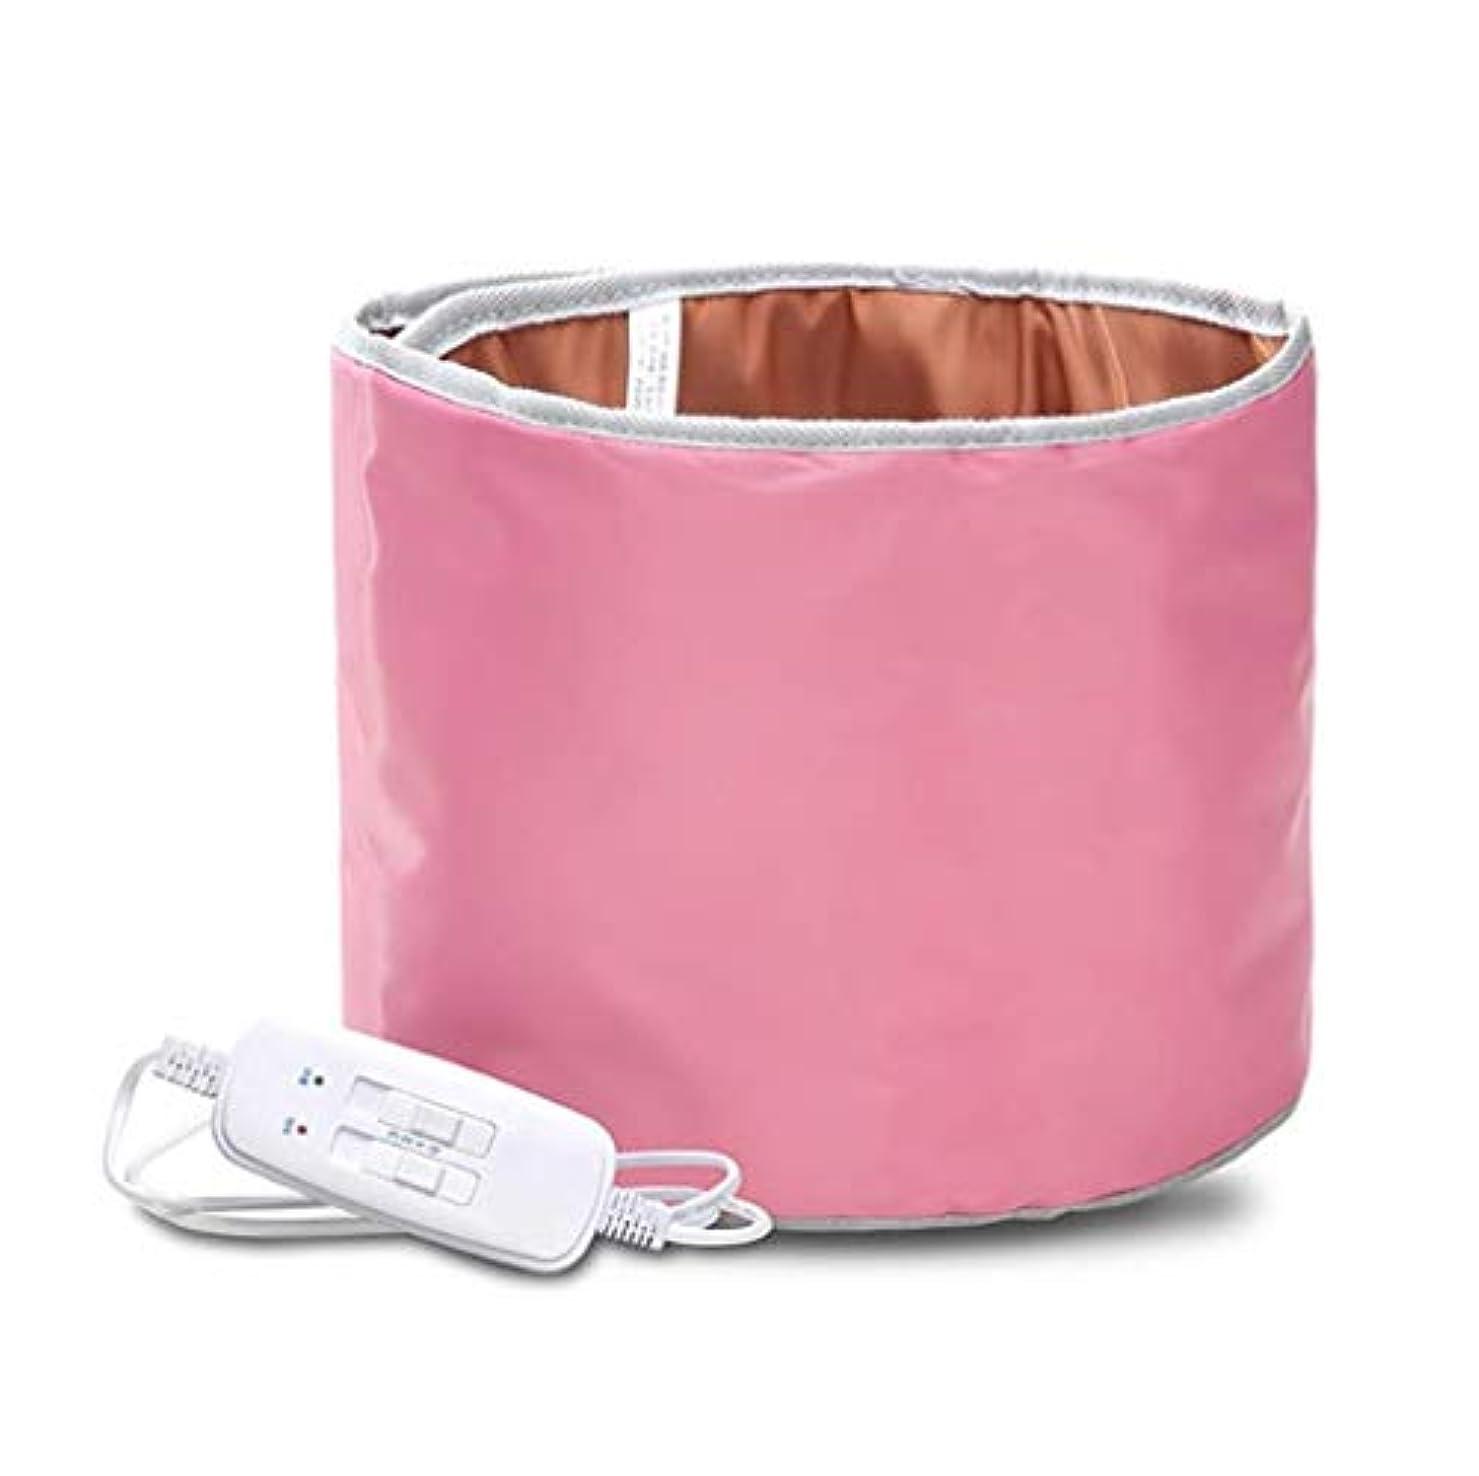 撃退する学校ストッキングウエストマッサージャー、電熱腰椎サポートベルト、血液循環の促進、痛みの緩和、保温 (Color : ピンク)